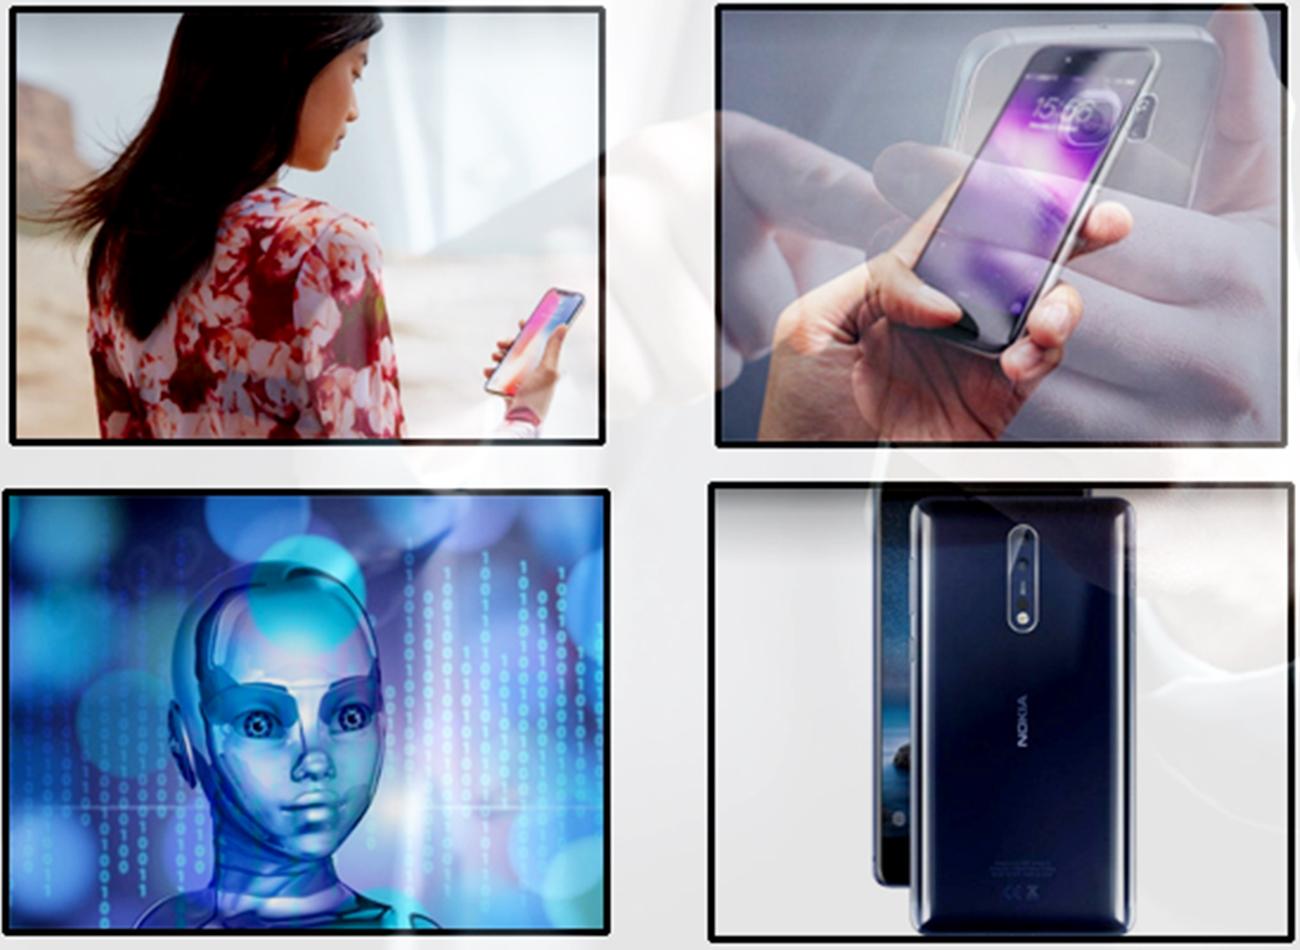 Nhận diện khuôn mặt, nhận diện vân tay trong màn hình, AI, camera kép là những tính năng sẽ phổ biến mạnh trong năm 2018. Đồ họa: Q.H